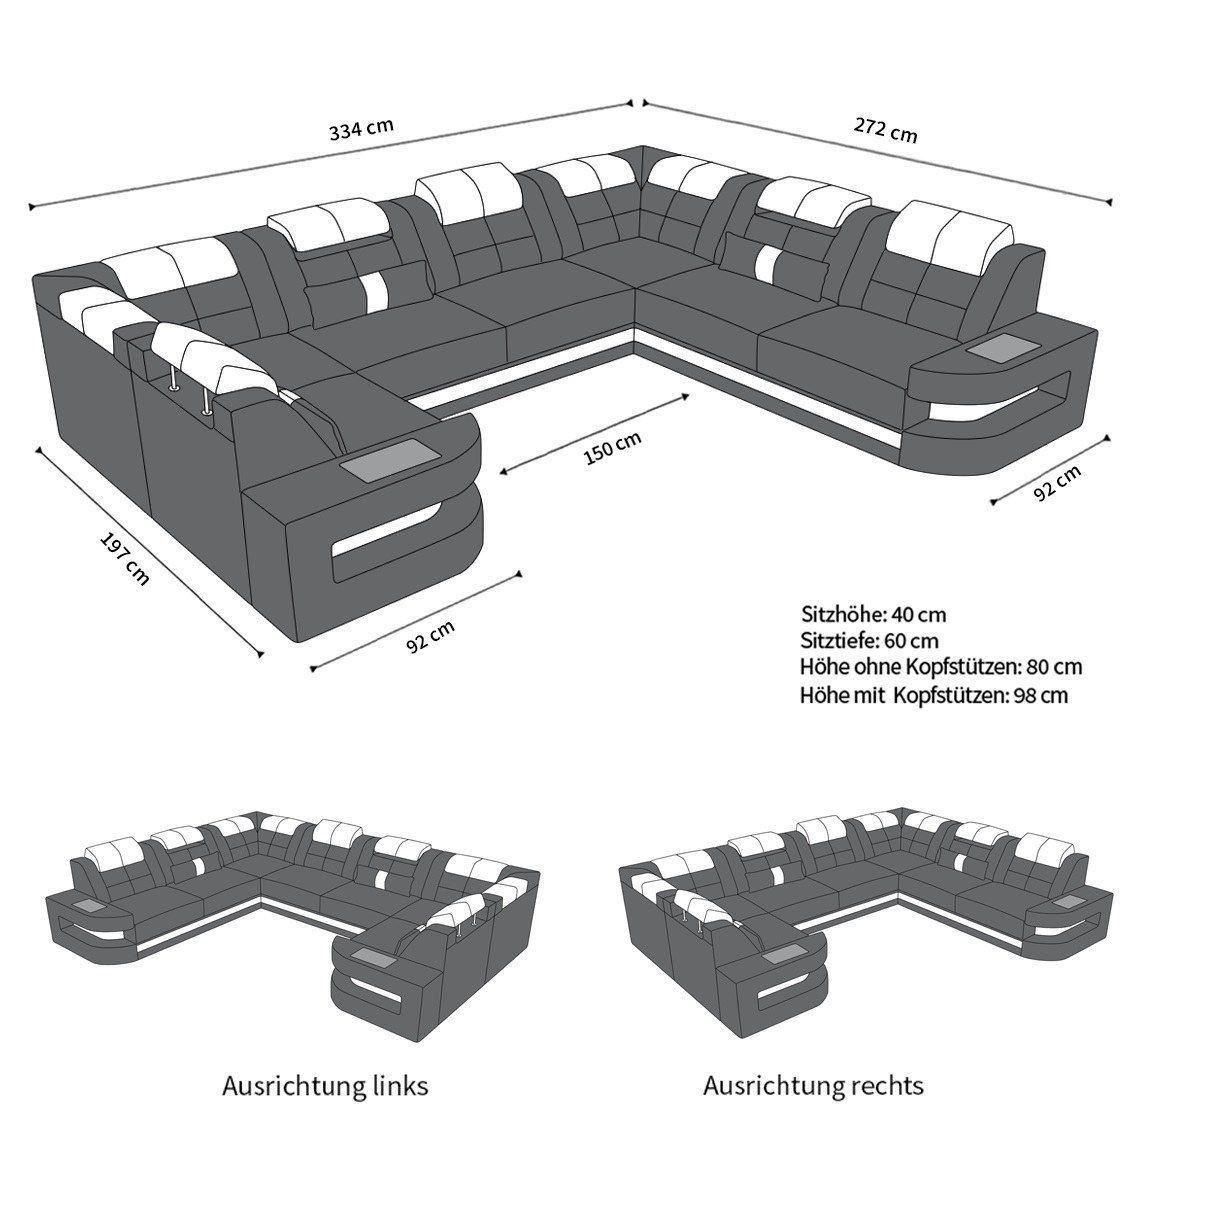 Sofa wohnlandschaft como u form in leder komplett schwarz for Wohnlandschaft leder schwarz